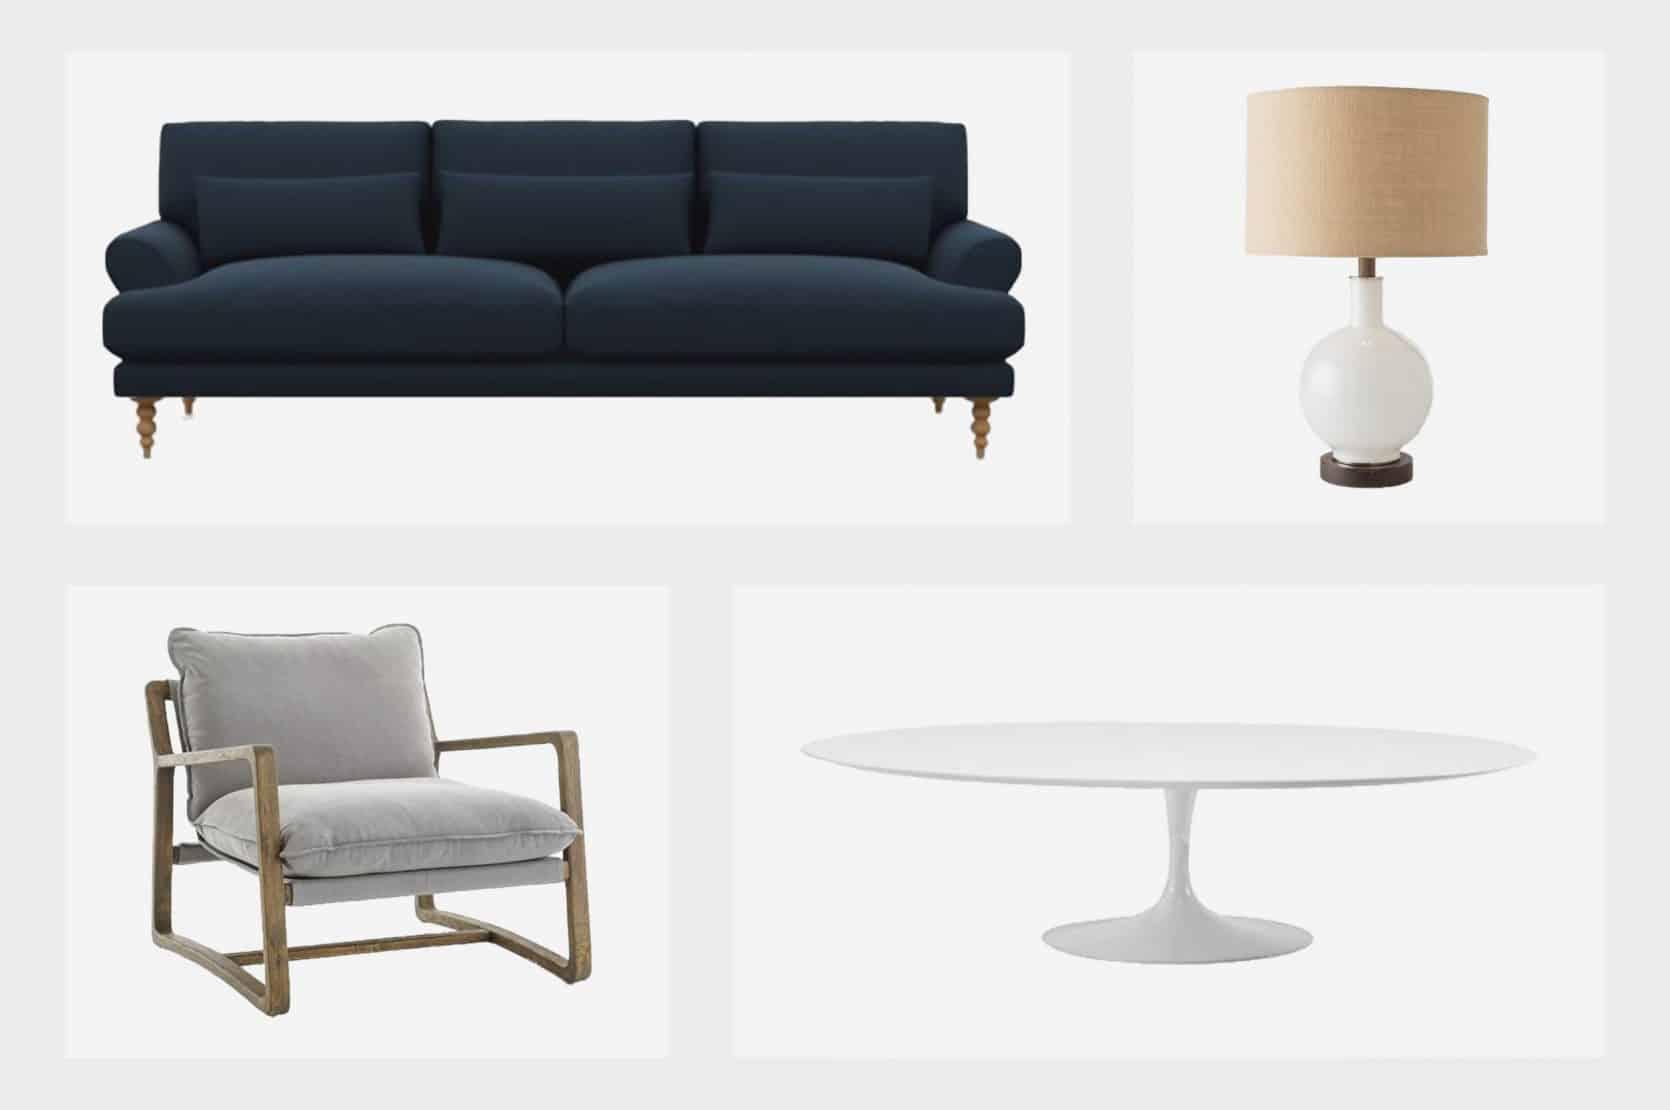 Emily Henderson Mountain Fixer Furniture I Already Had Roundup 02